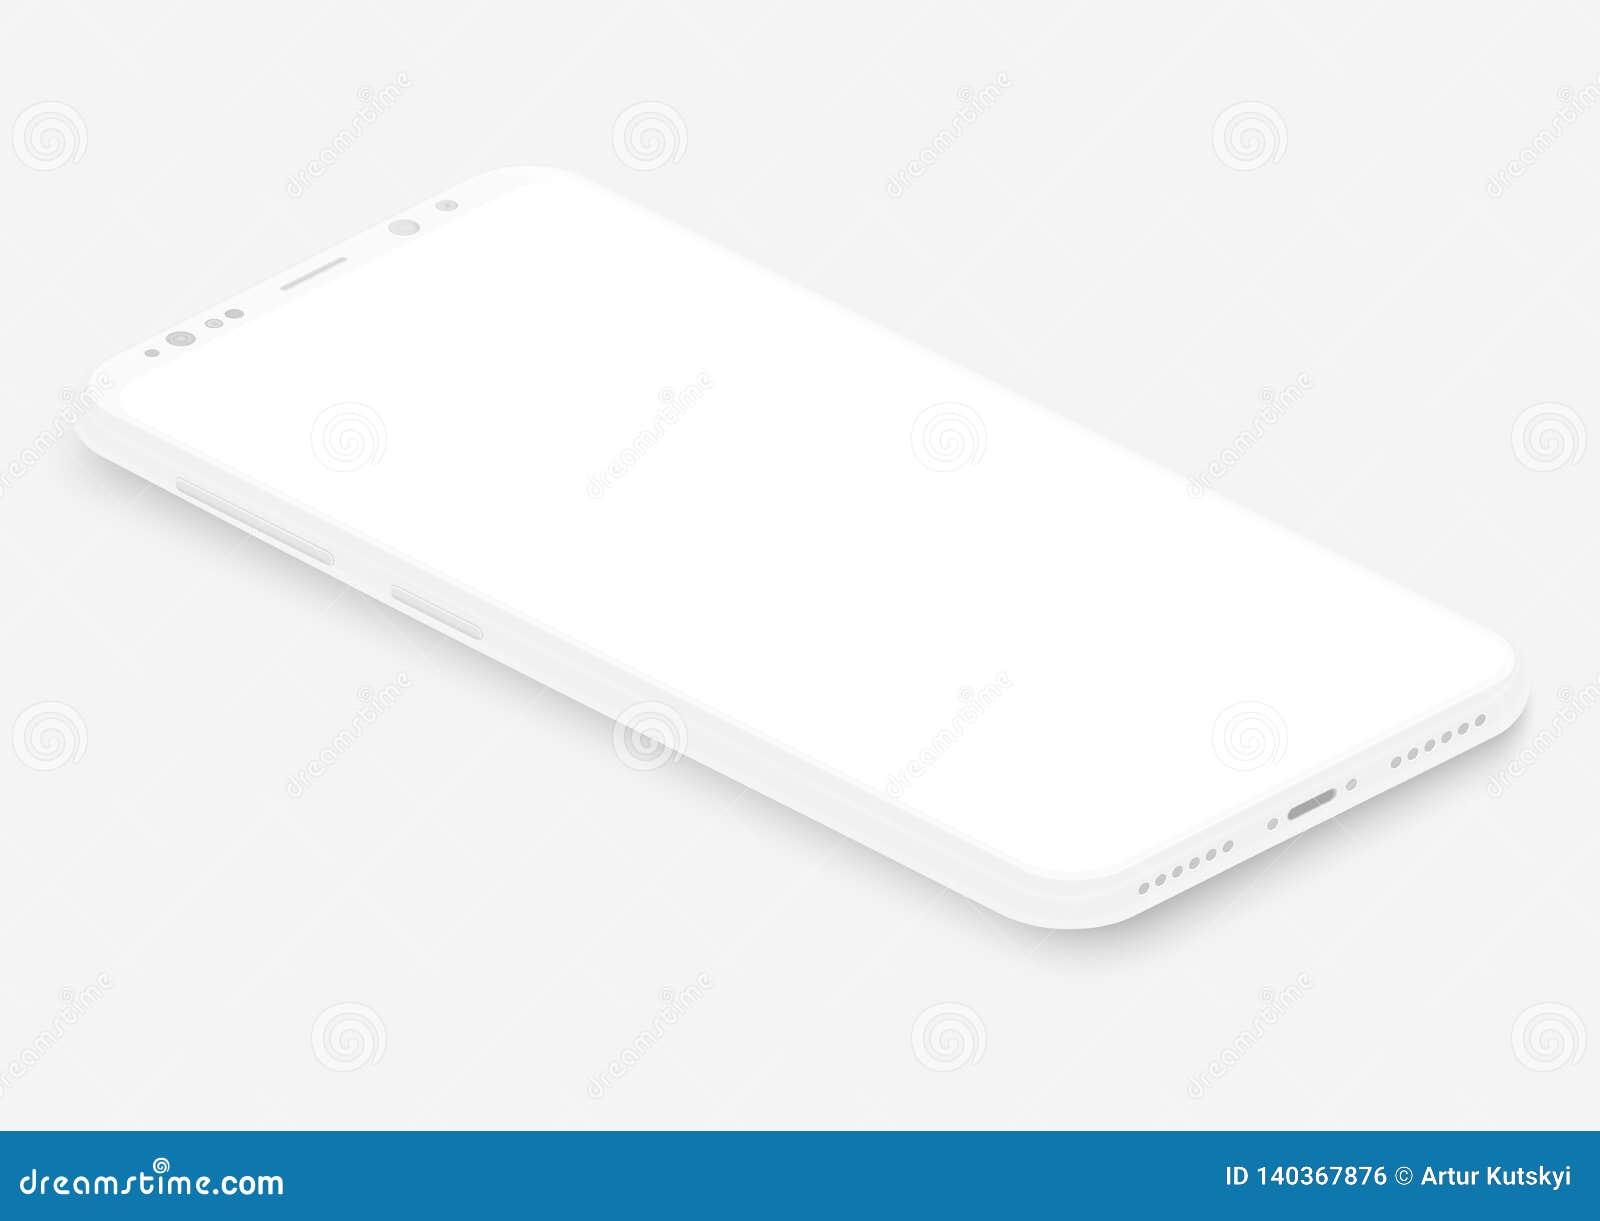 Равновеликий белый смартфон вектора реалистический пустой шаблон телефона экрана 3d для вводить любой интерфейс UI, тест или